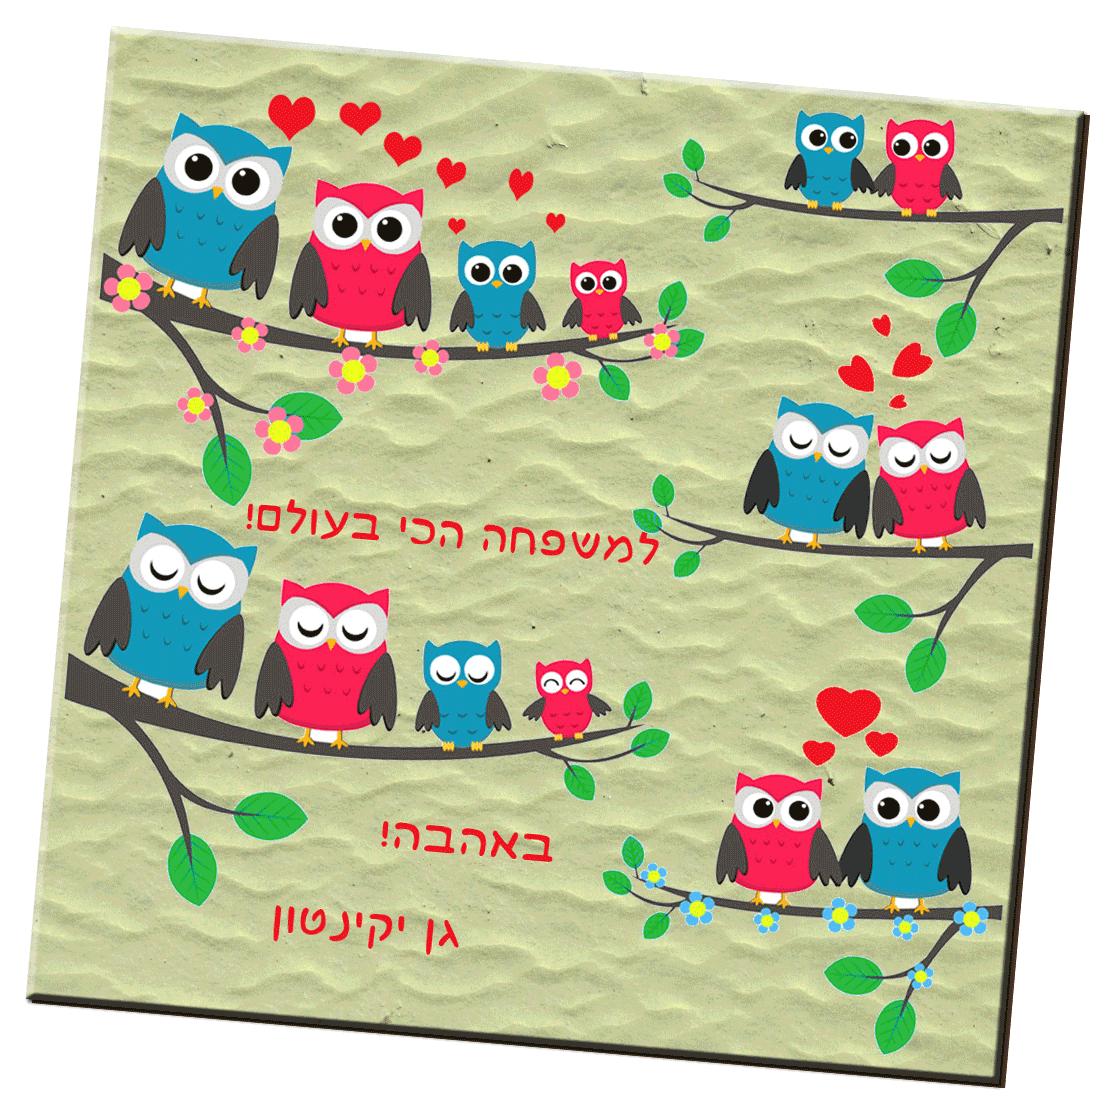 תחתיות מעץ לספלים בעיצוב ליום המשפחה, משפחת ינשופי